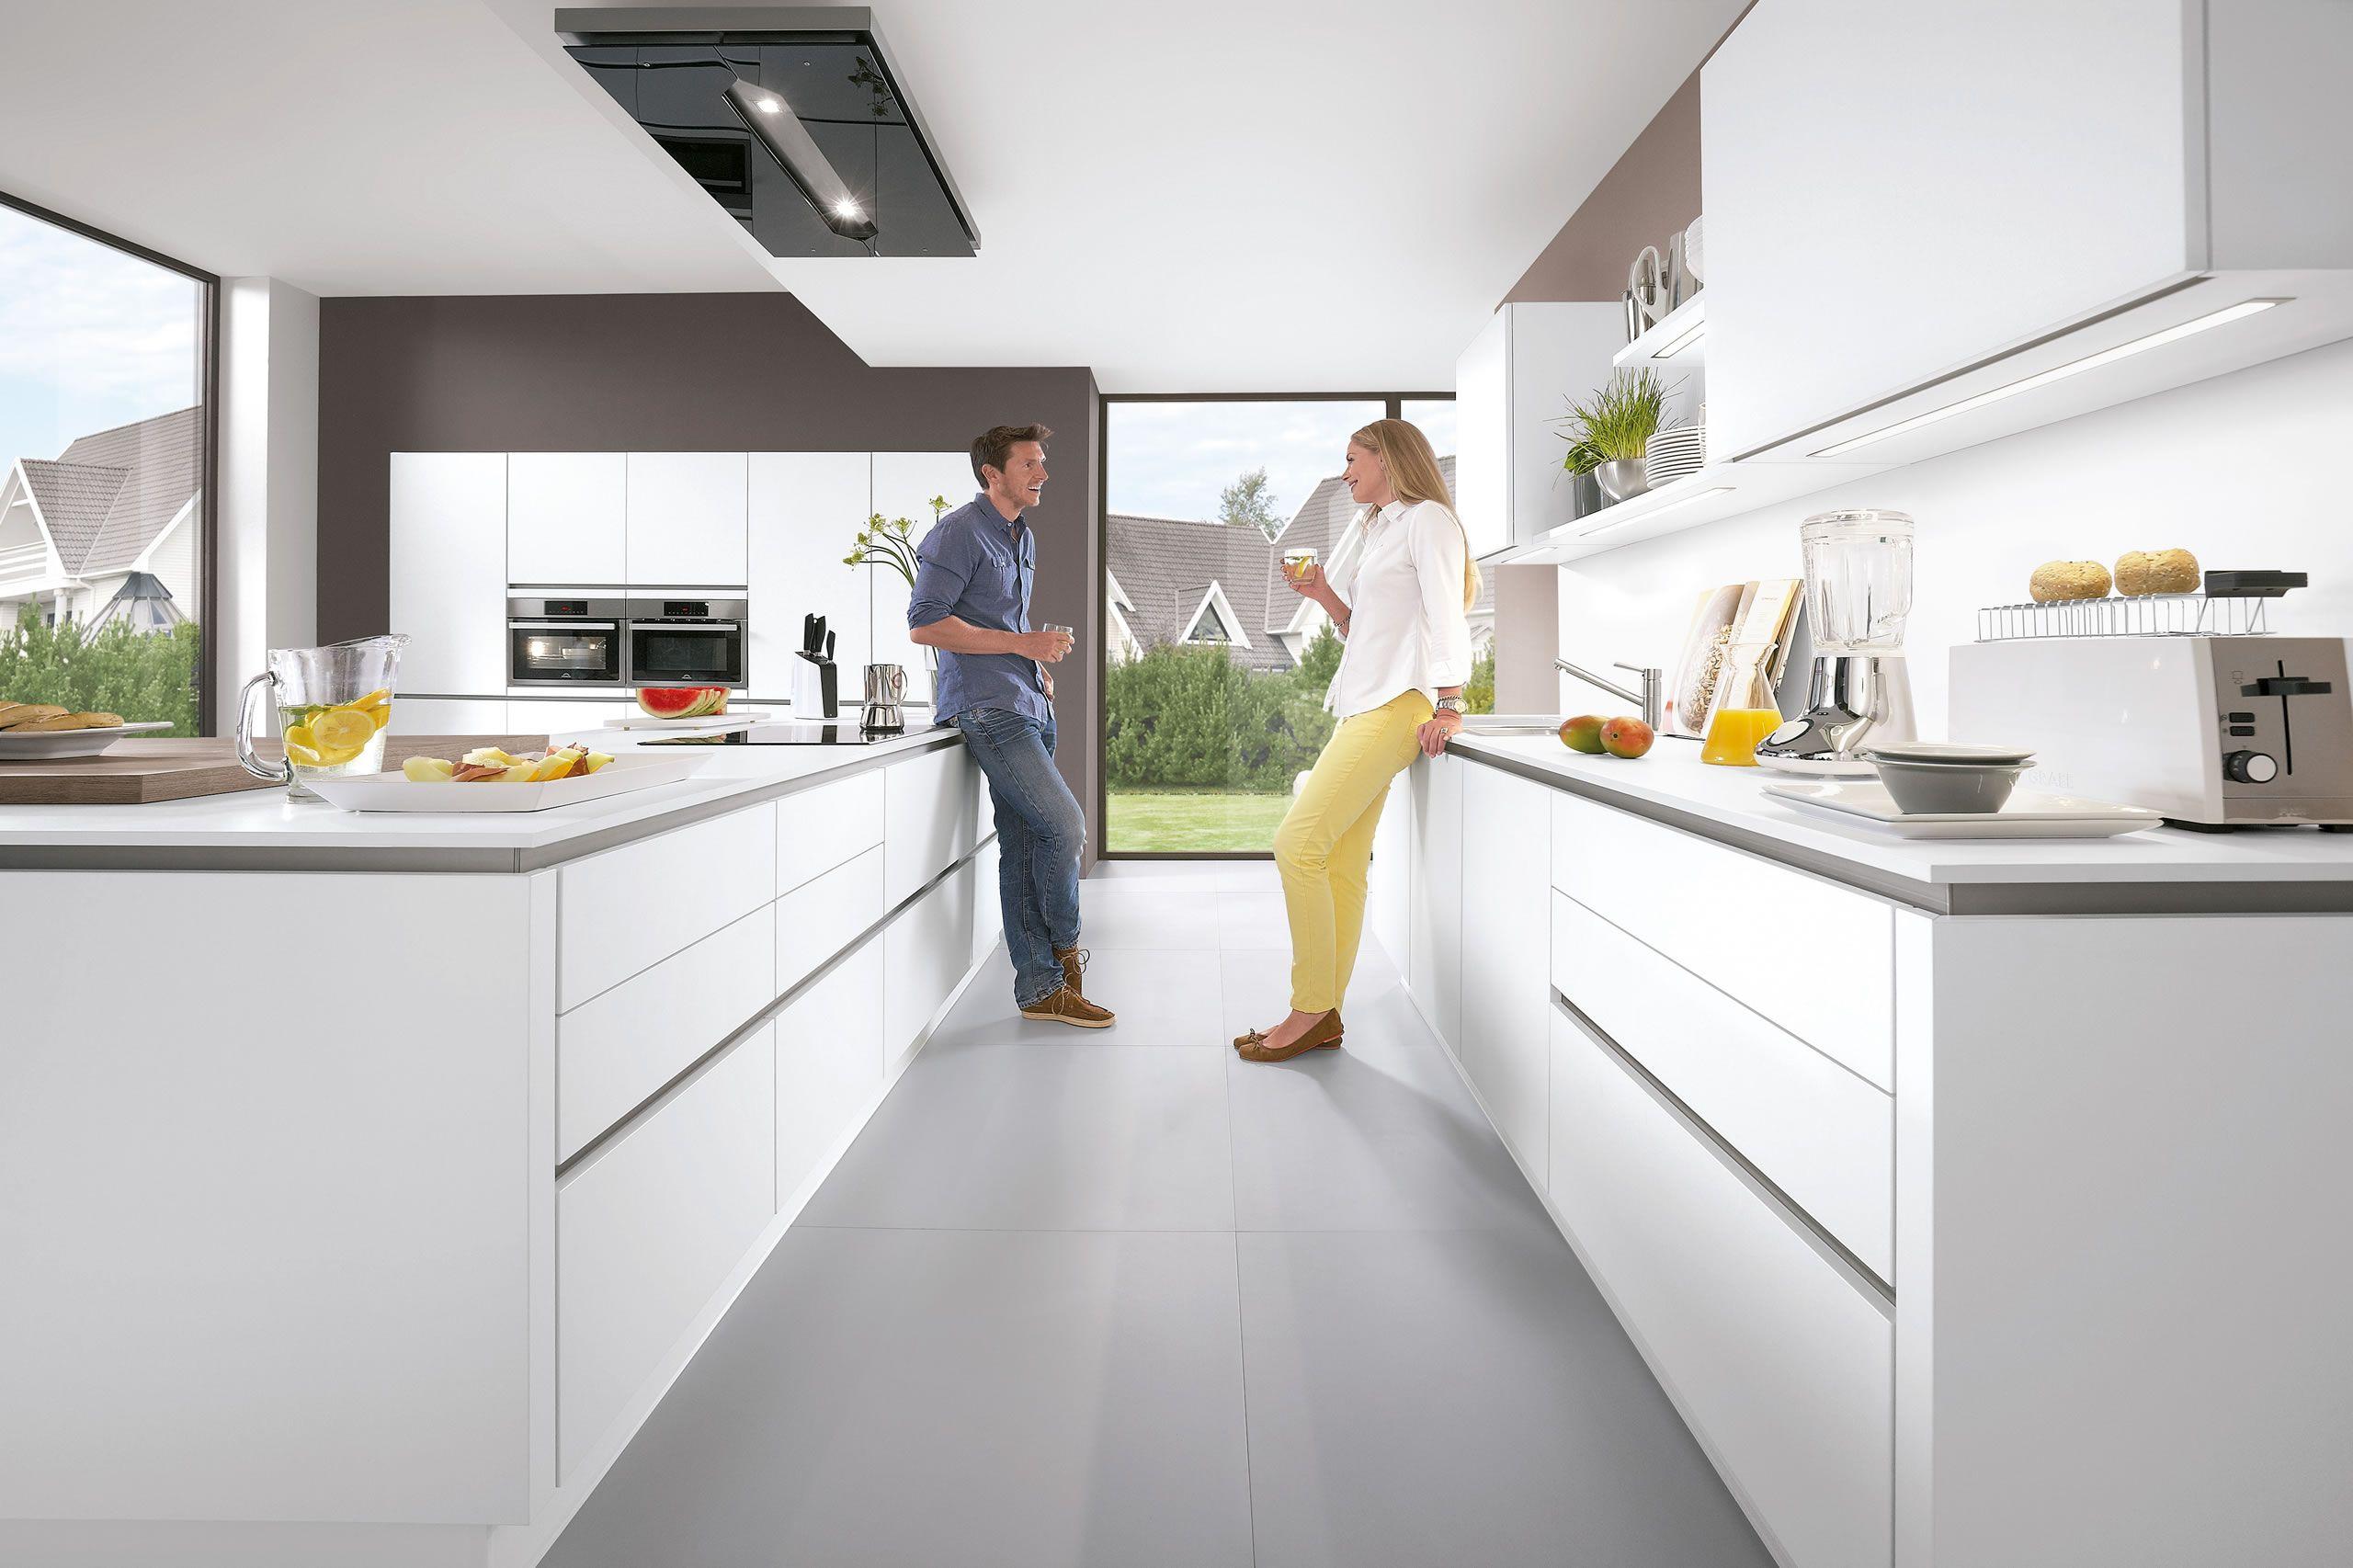 nobilia Küchen - nobilia | Produkte | Matt | Cucine | Pinterest ...